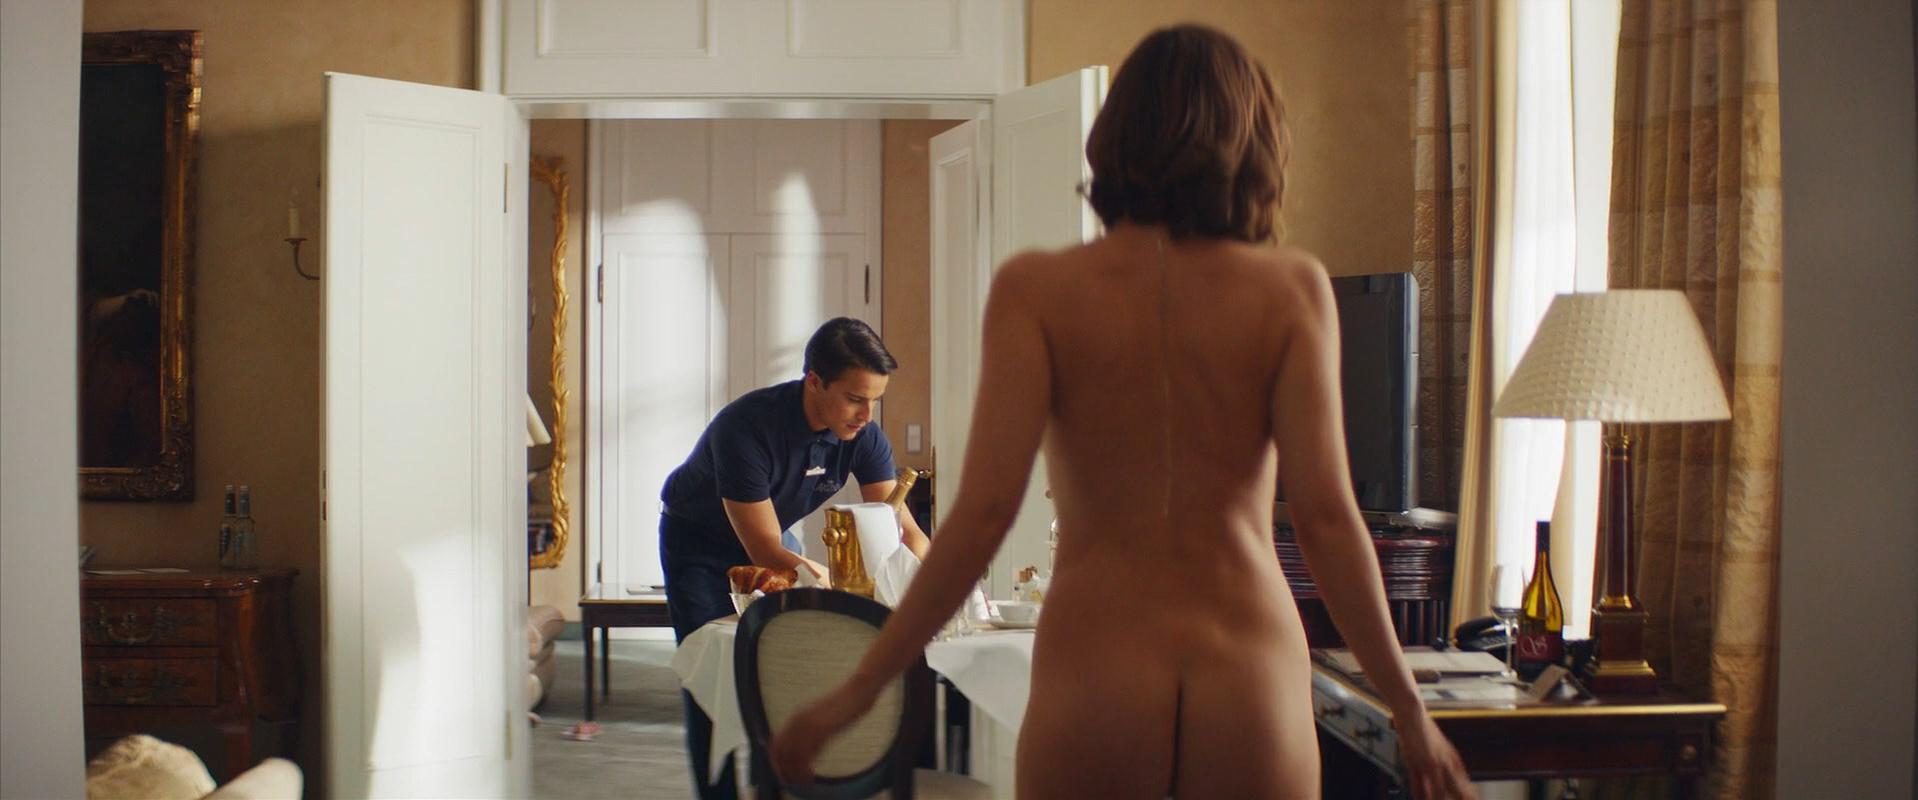 Elisabeth von Koch nude, Olivia Marei nude - Mein Blind Date mit dem Leben (2017)